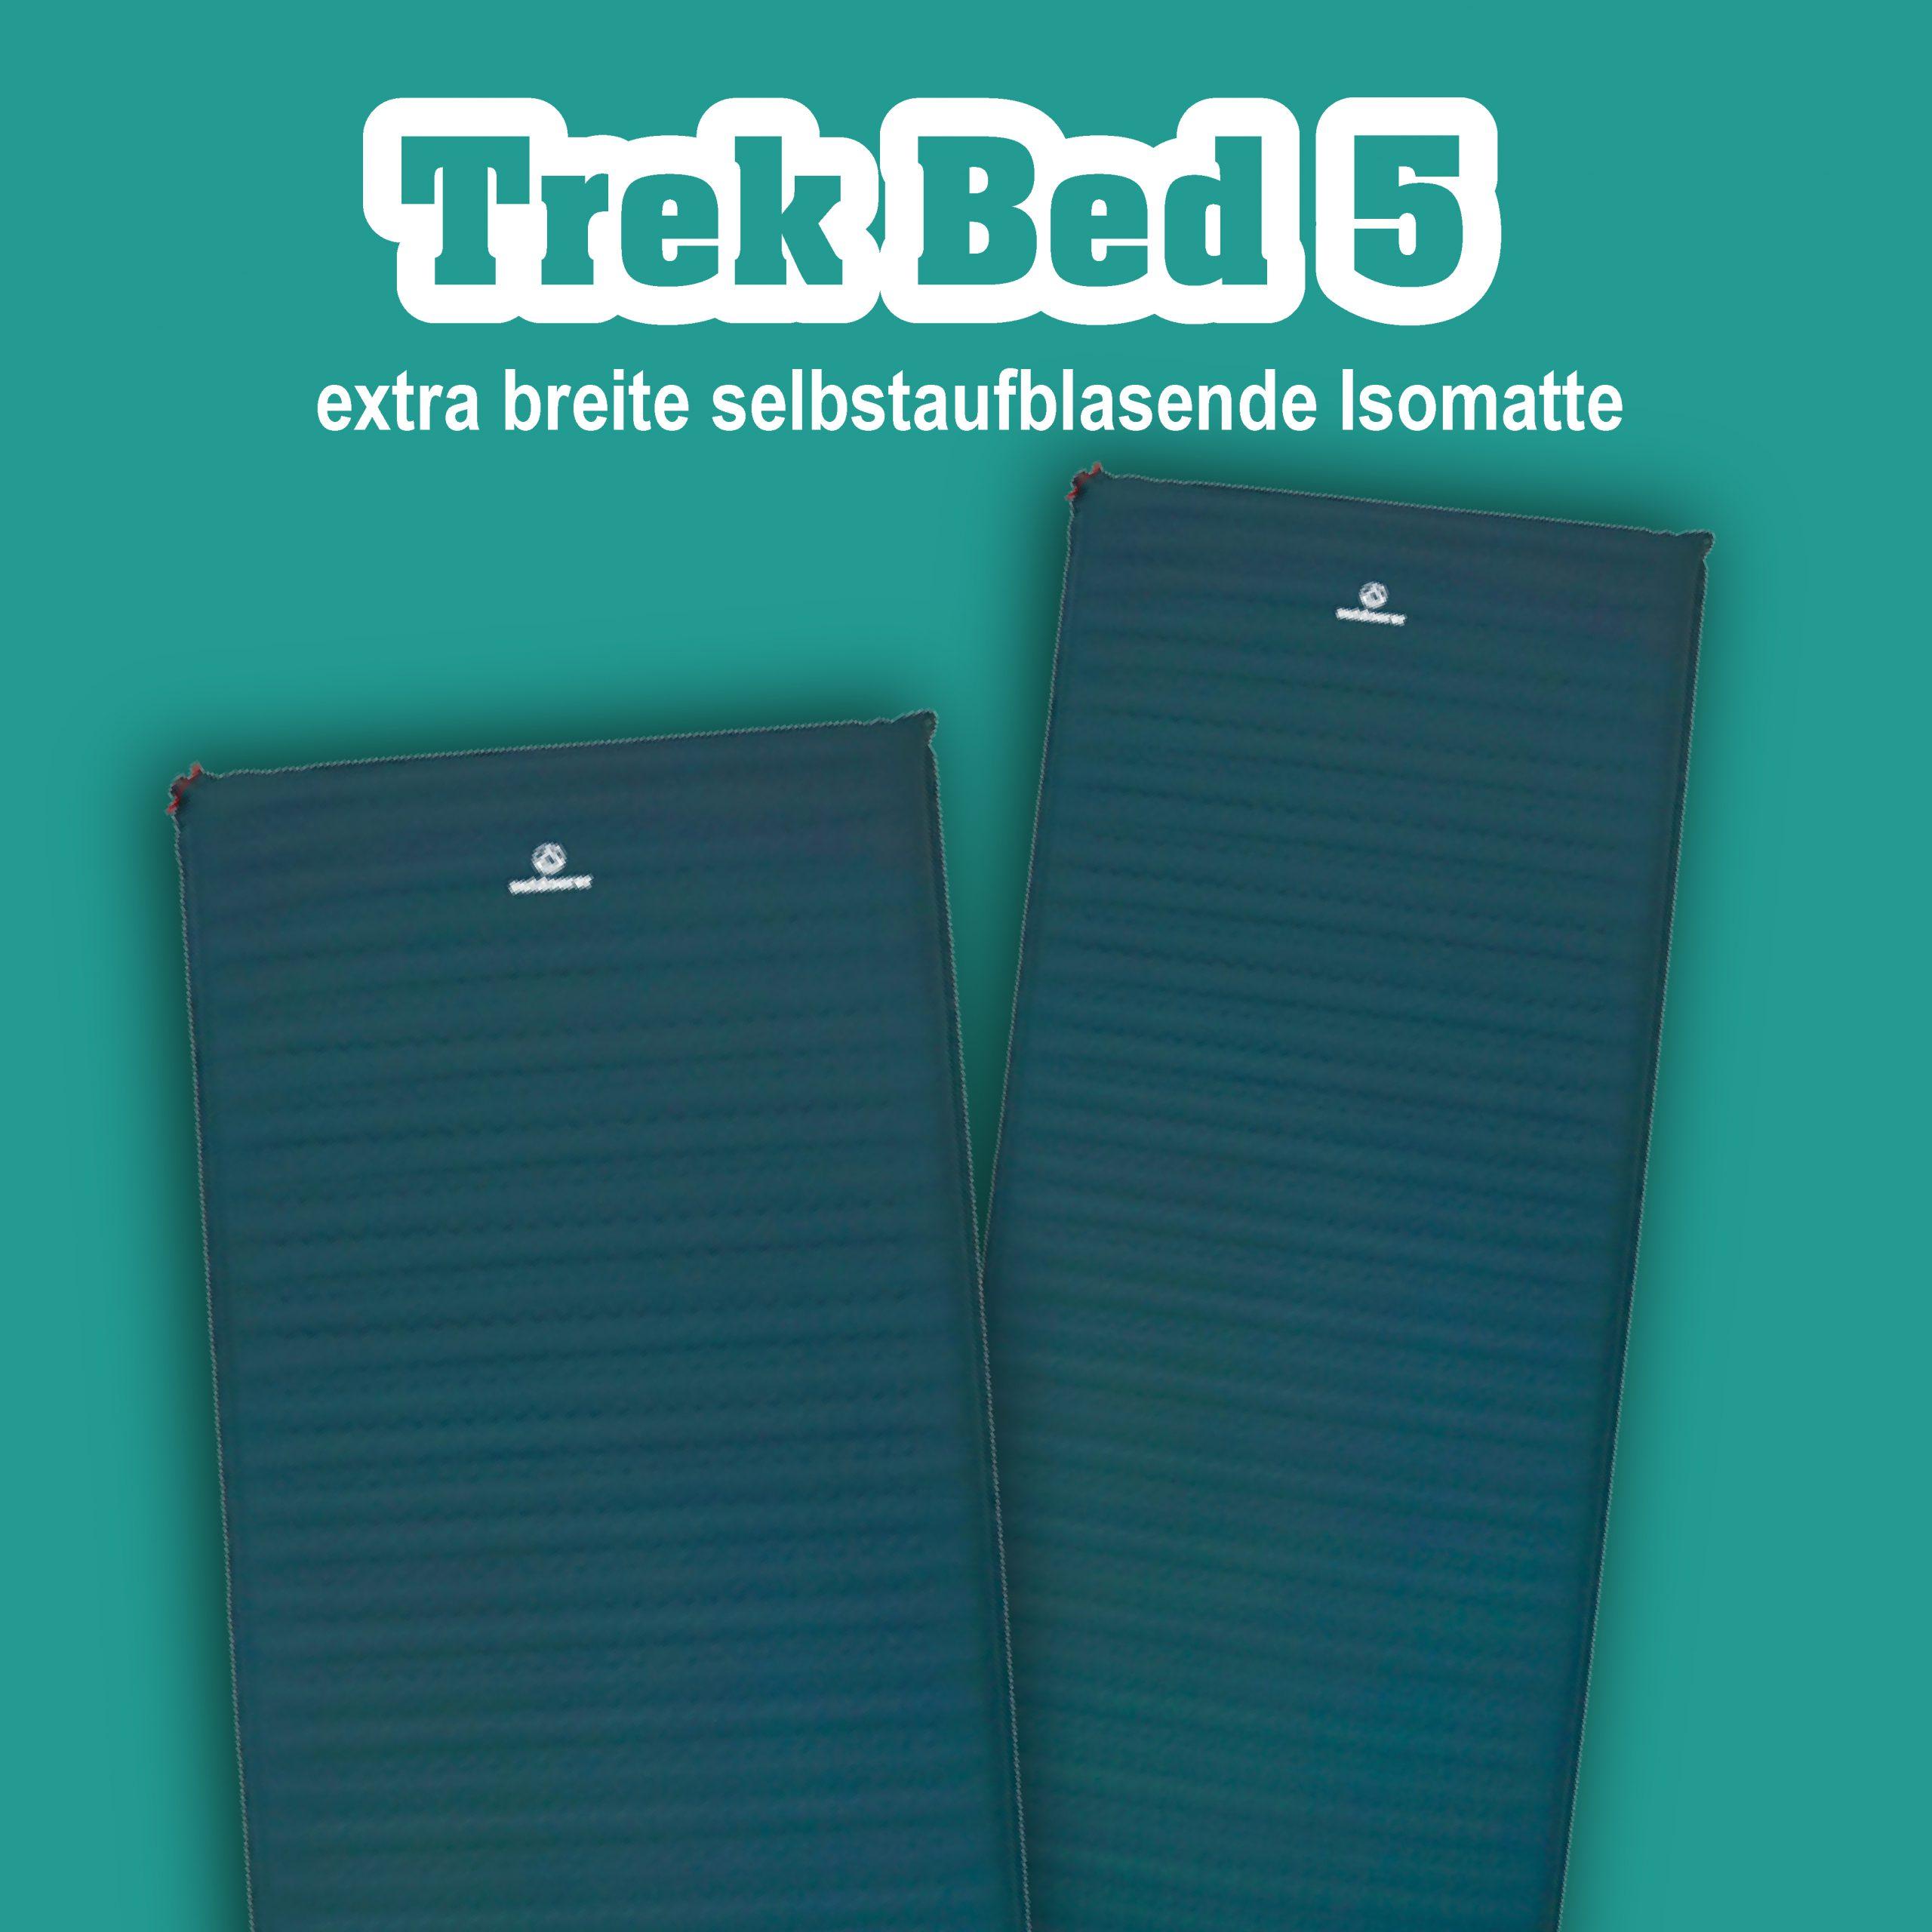 Trek Bed 5 Isomatte extra breit